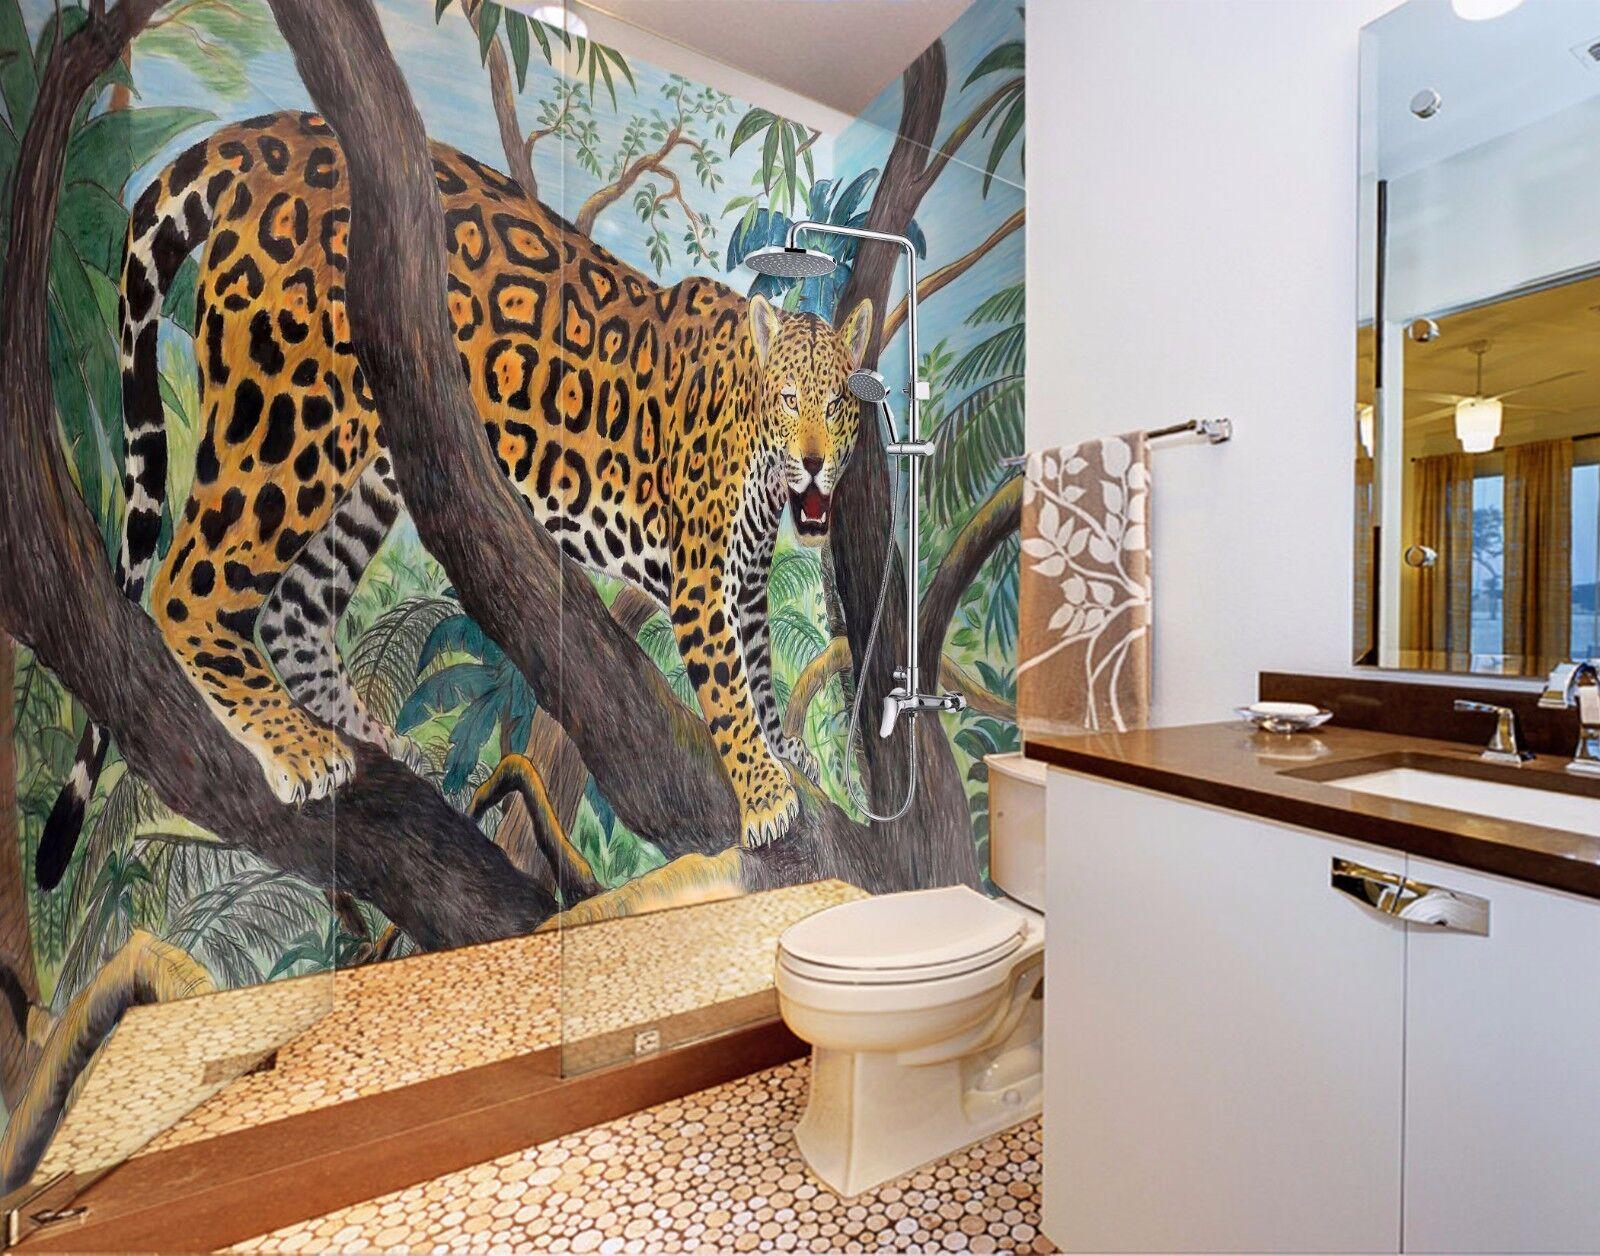 3D Leopard  7108  WallPaper Bathroom Print Decal Wall Deco AJ WALLPAPER AU